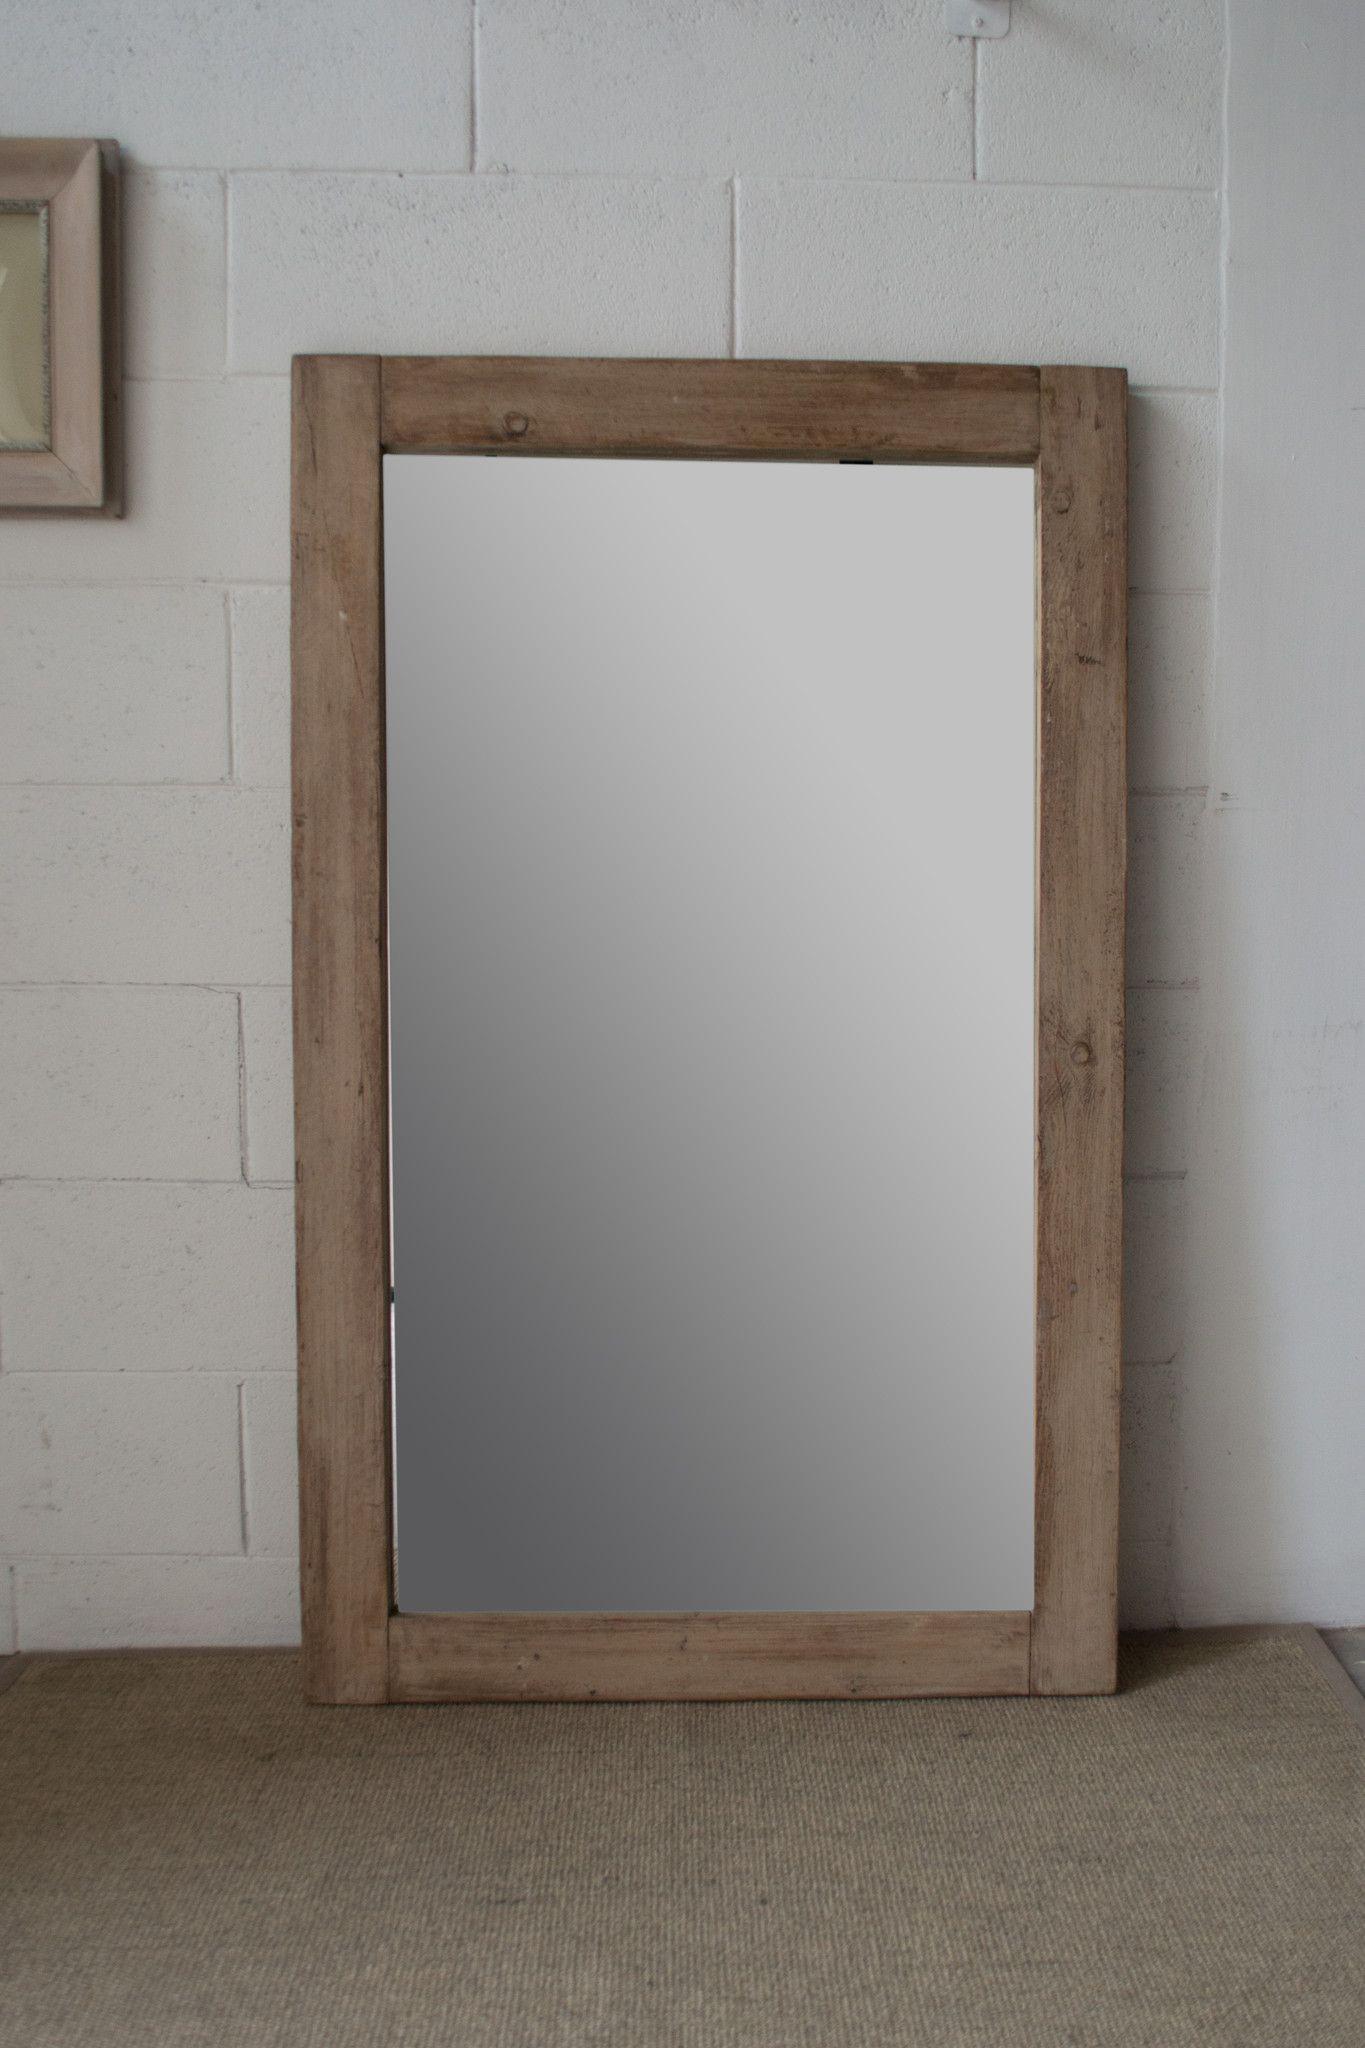 28 specchio in legno di recupero arredamento erashop market place - Mobili in specchio ...